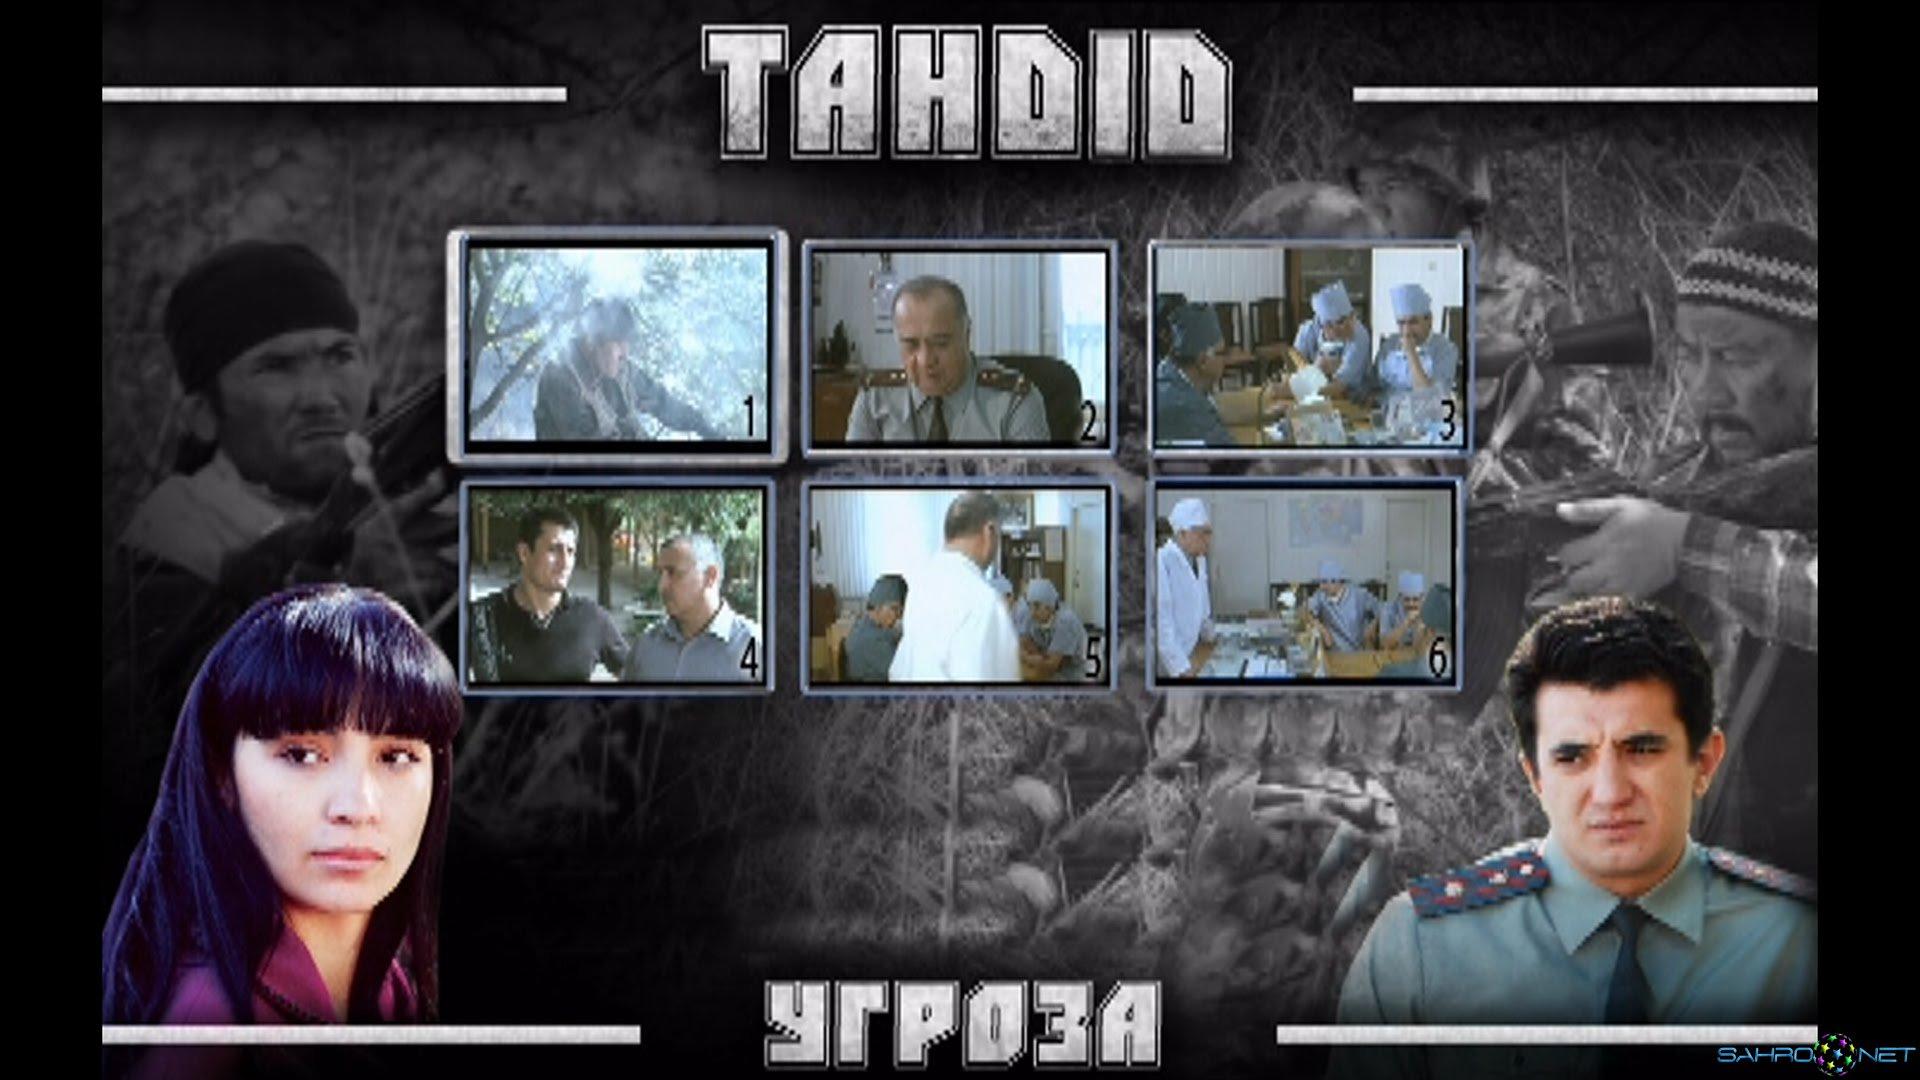 Tahdid / Угроза 2009 смотреть Узбекский фильм на узбекским и русском языках